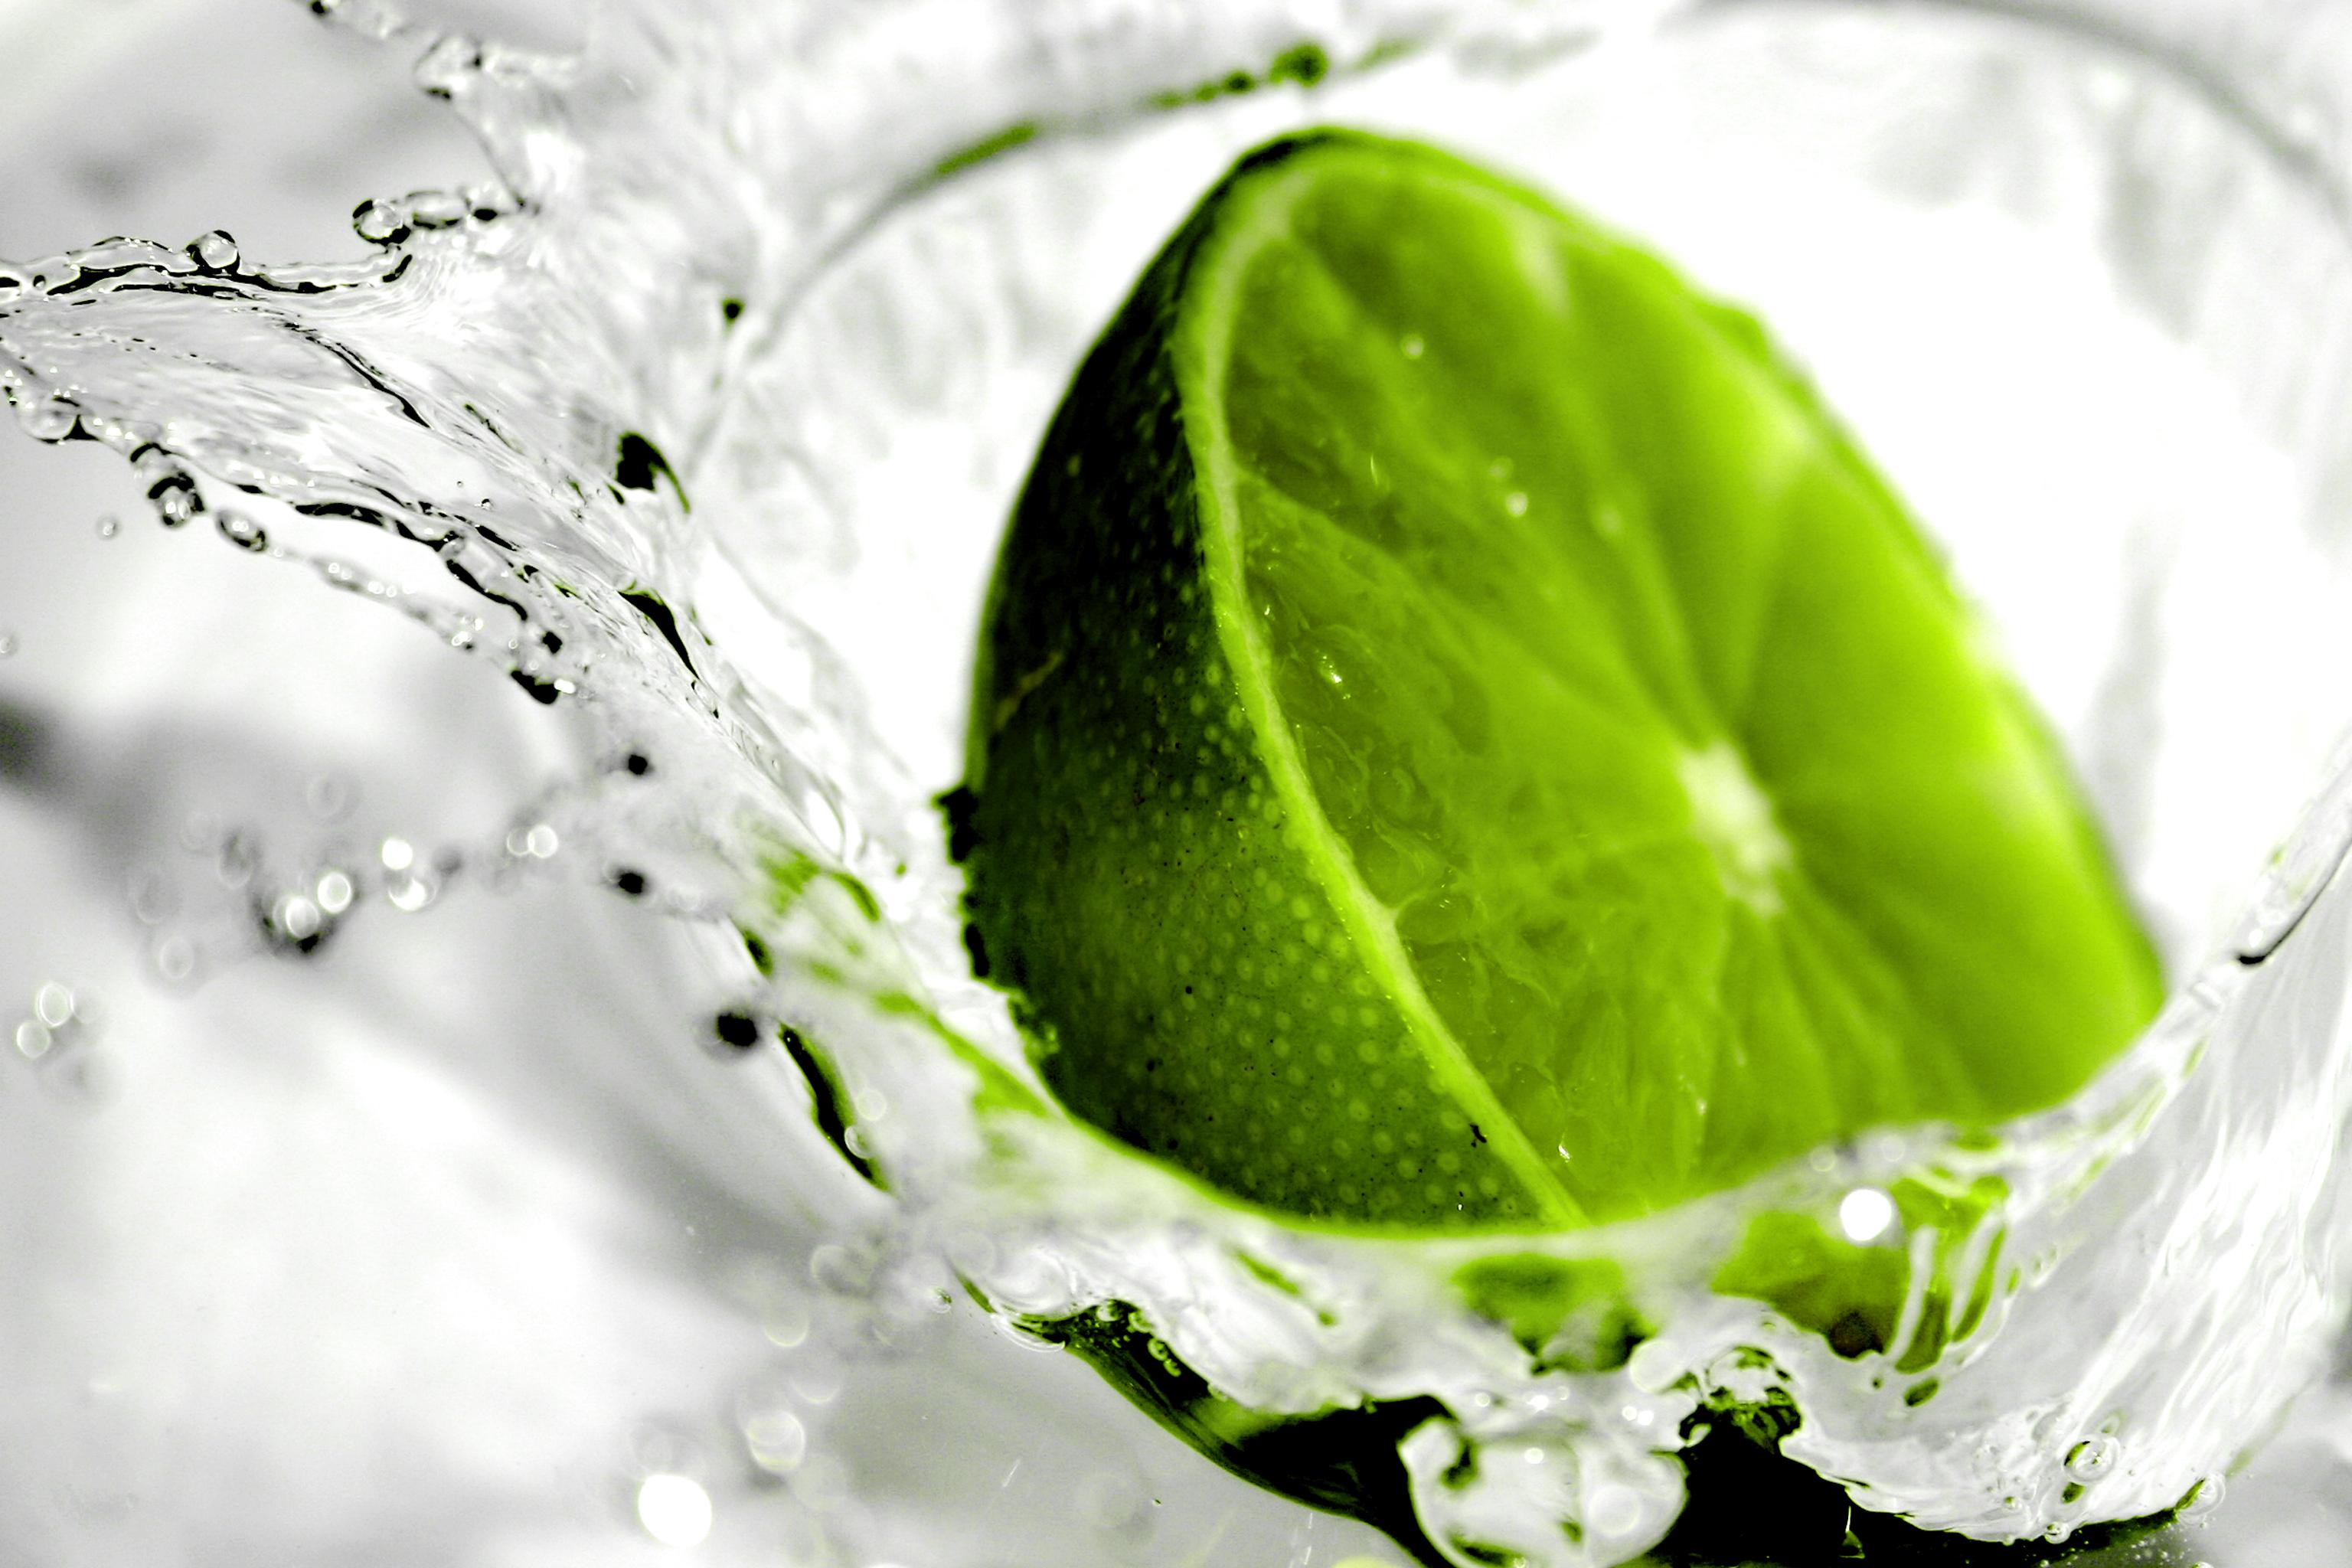 صوره صور ليمون , ليمون اخضر و اصفر